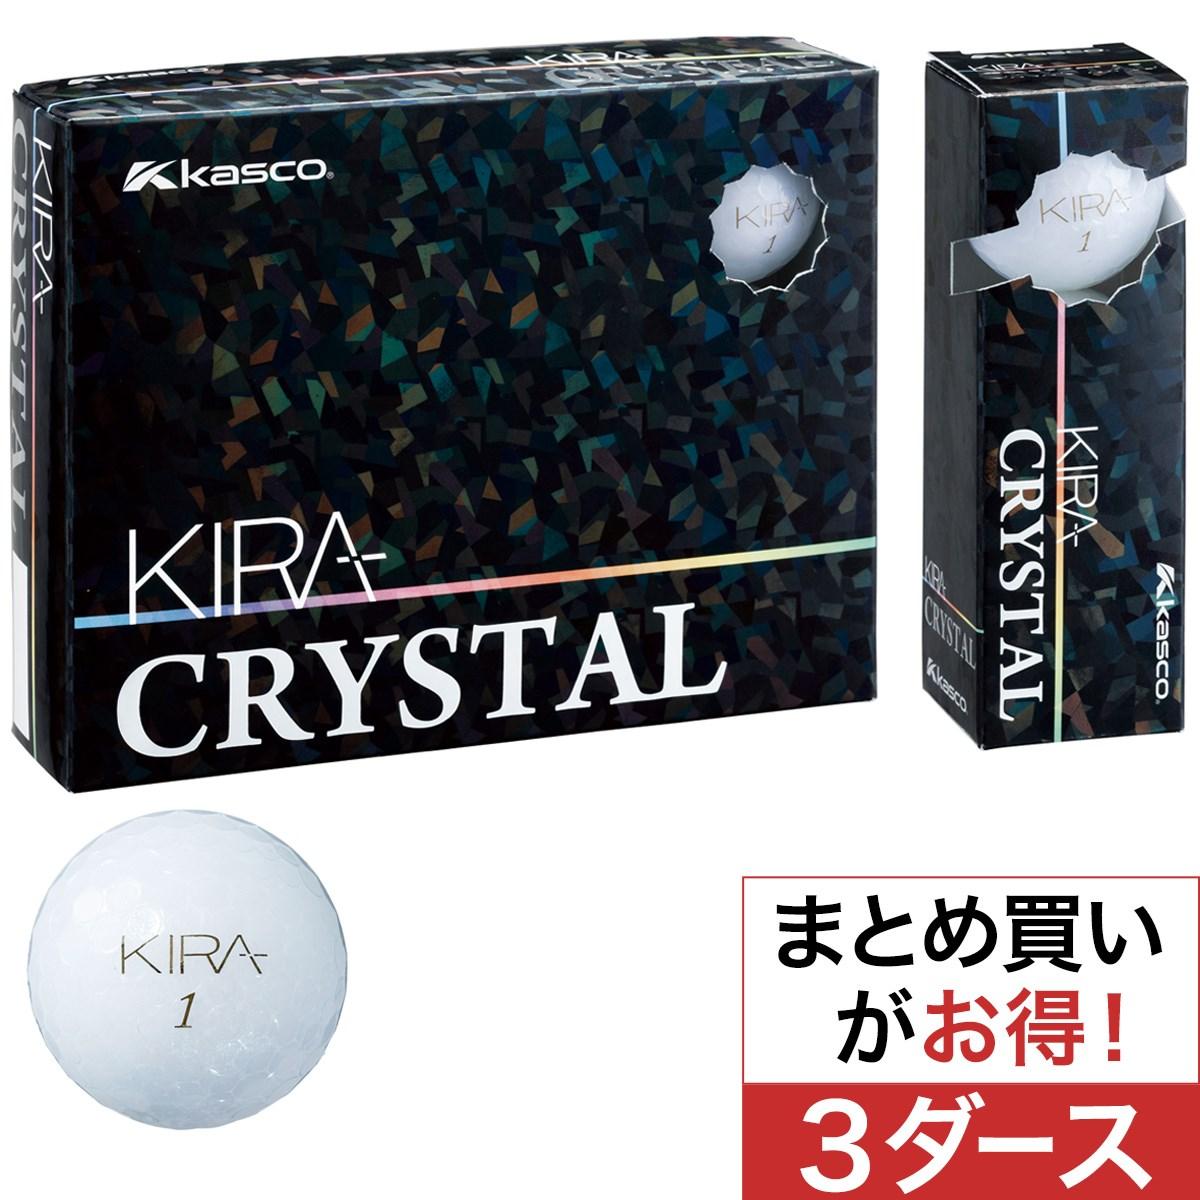 キャスコ(KASCO) KIRA CRYSTAL ボール 3ダースセット